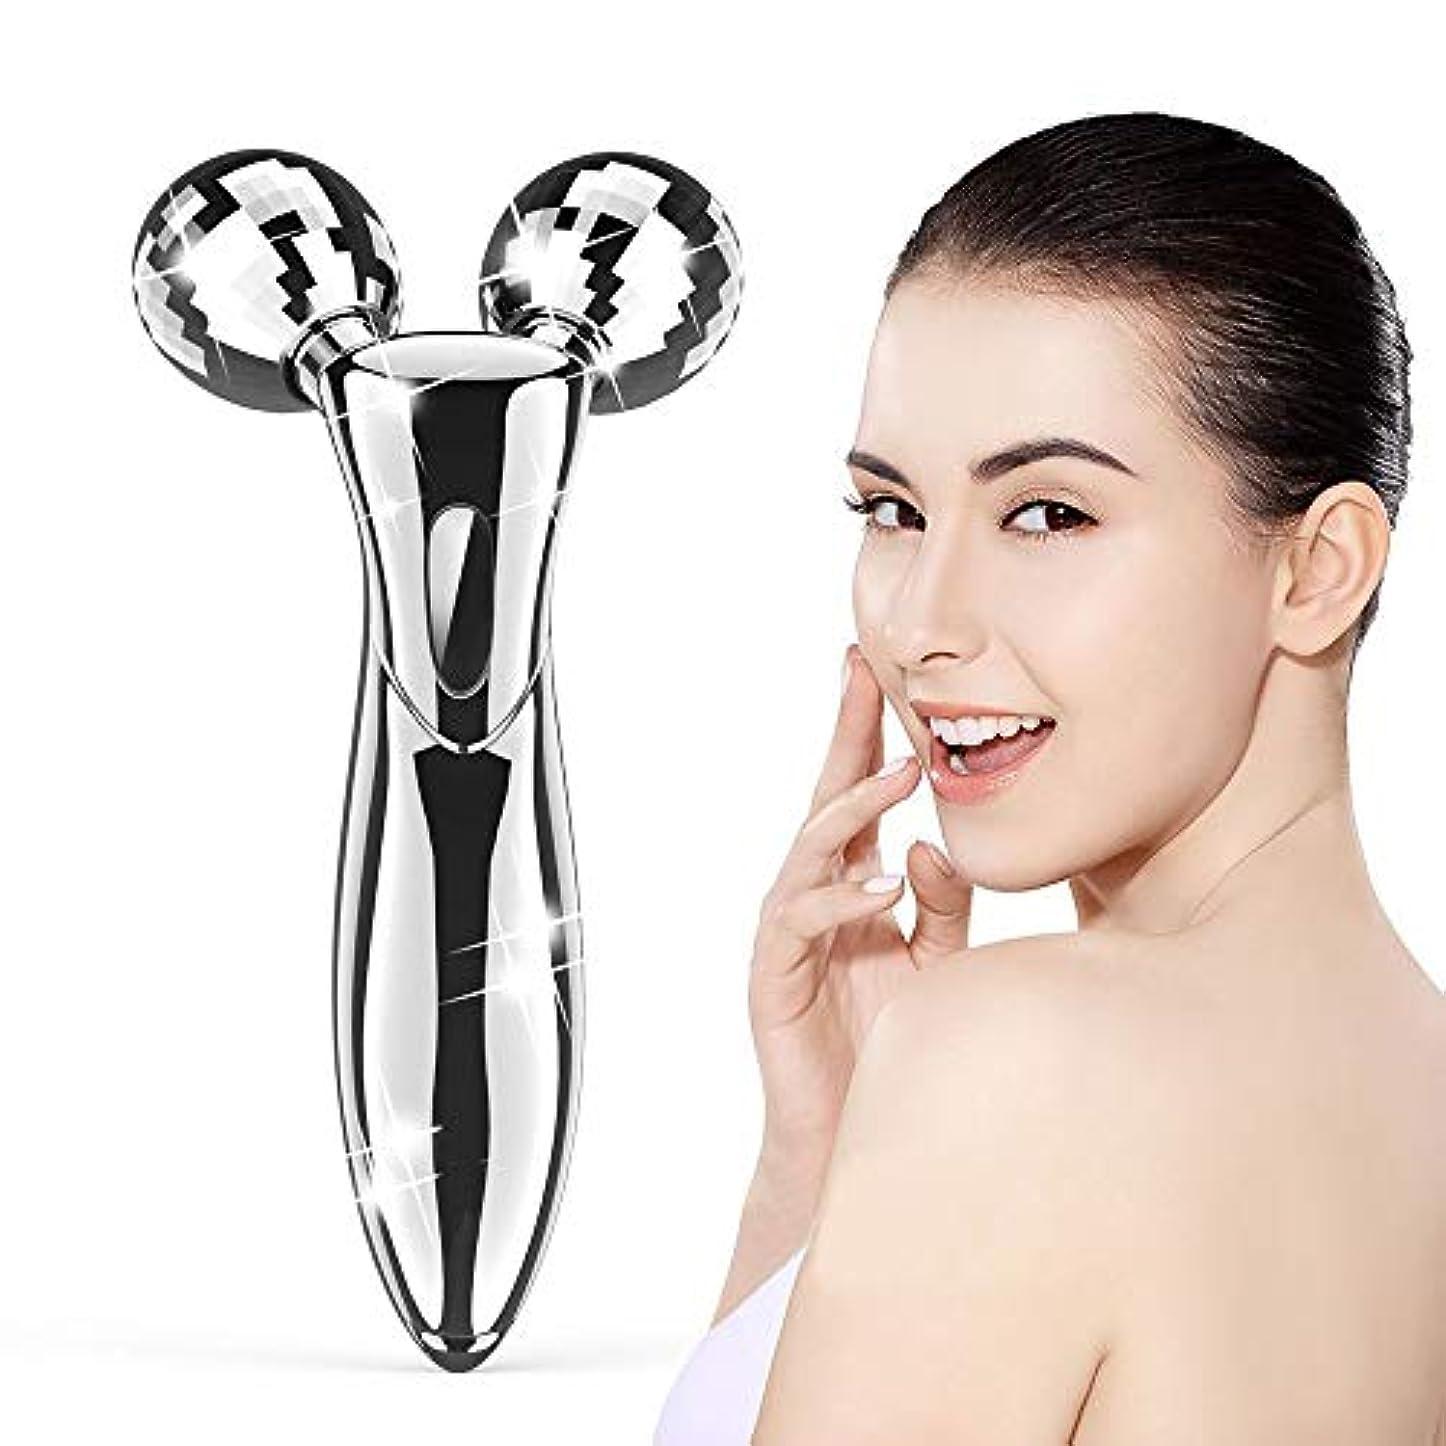 絶え間ない規範甲虫美容ローラー 美顔ローラー フェイスローラー 美顔器 V字型 マイクロカレント マッサージローラー 3D ボディーローラー 充電不要 ほうれい線改善 防水 ギフト